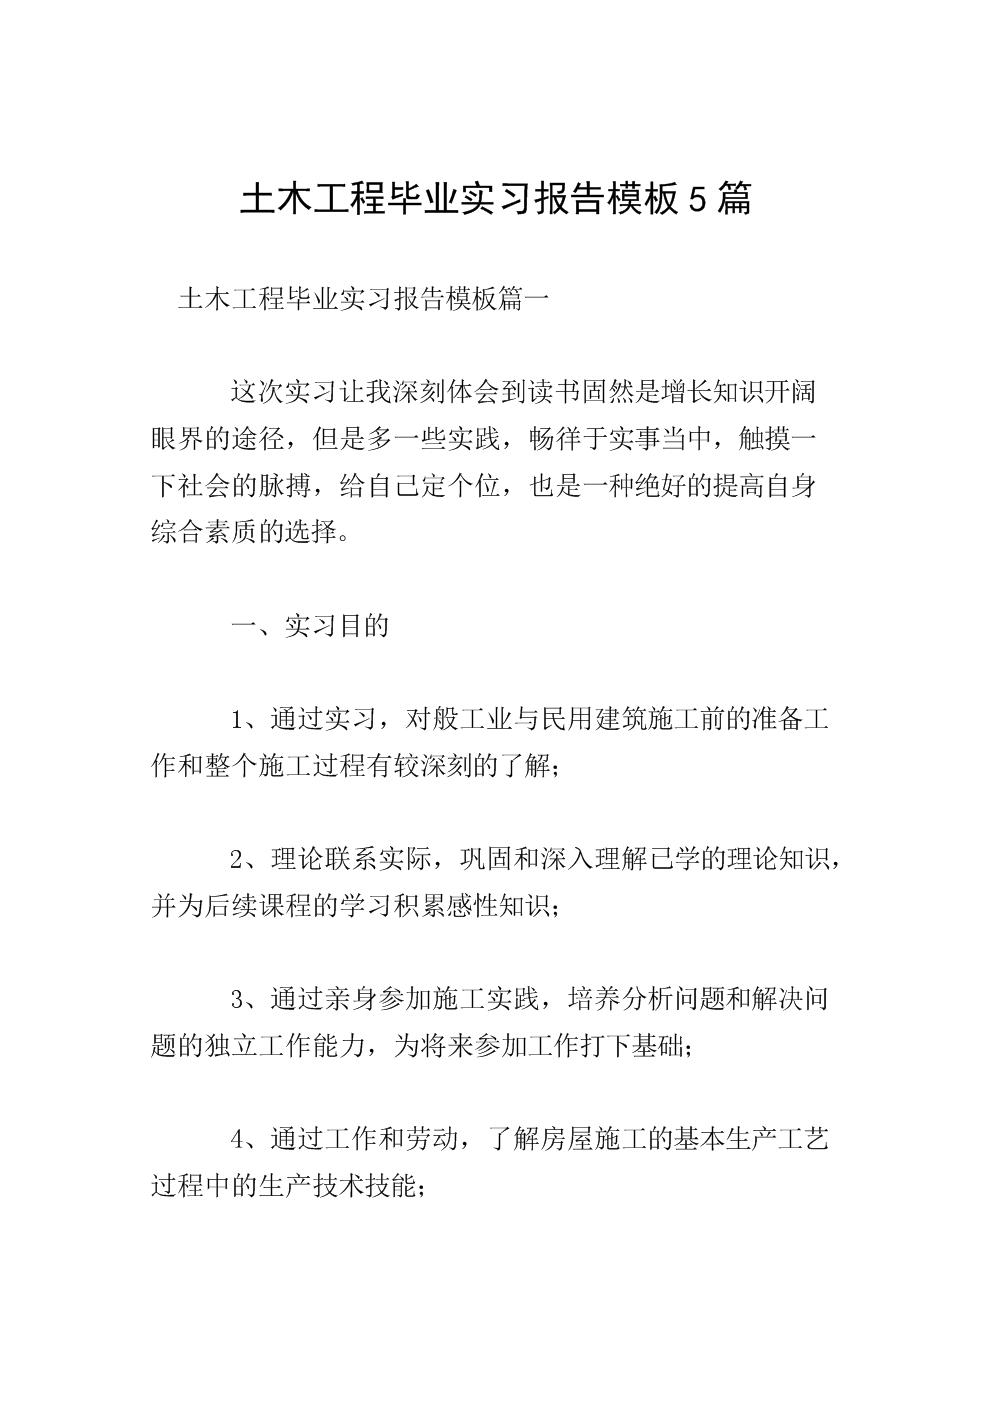 土木工程毕业实习报告模板5篇.doc